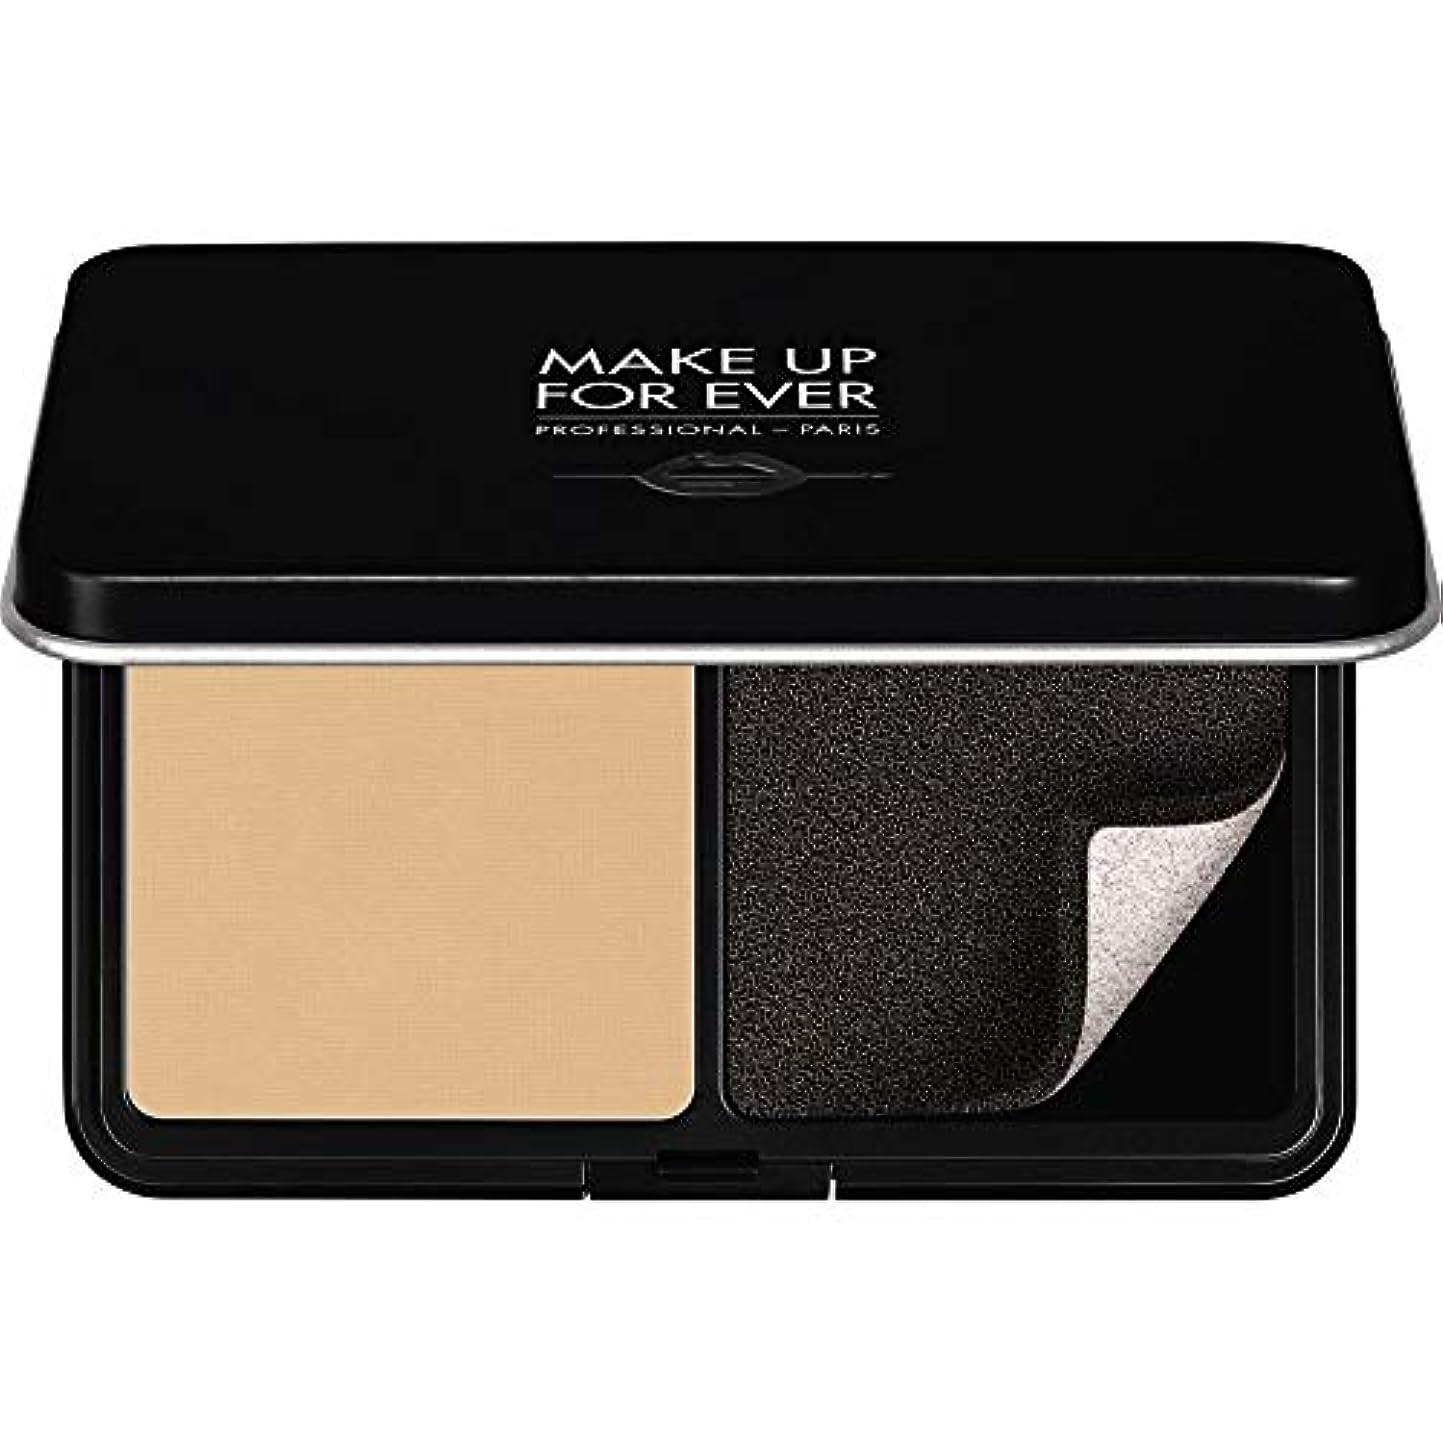 専門化するカーテンわずらわしい[MAKE UP FOR EVER ] パウダーファンデーション11GののY225をぼかし、これまでマットベルベットの肌を補う - 大理石 - MAKE UP FOR EVER Matte Velvet Skin Blurring...